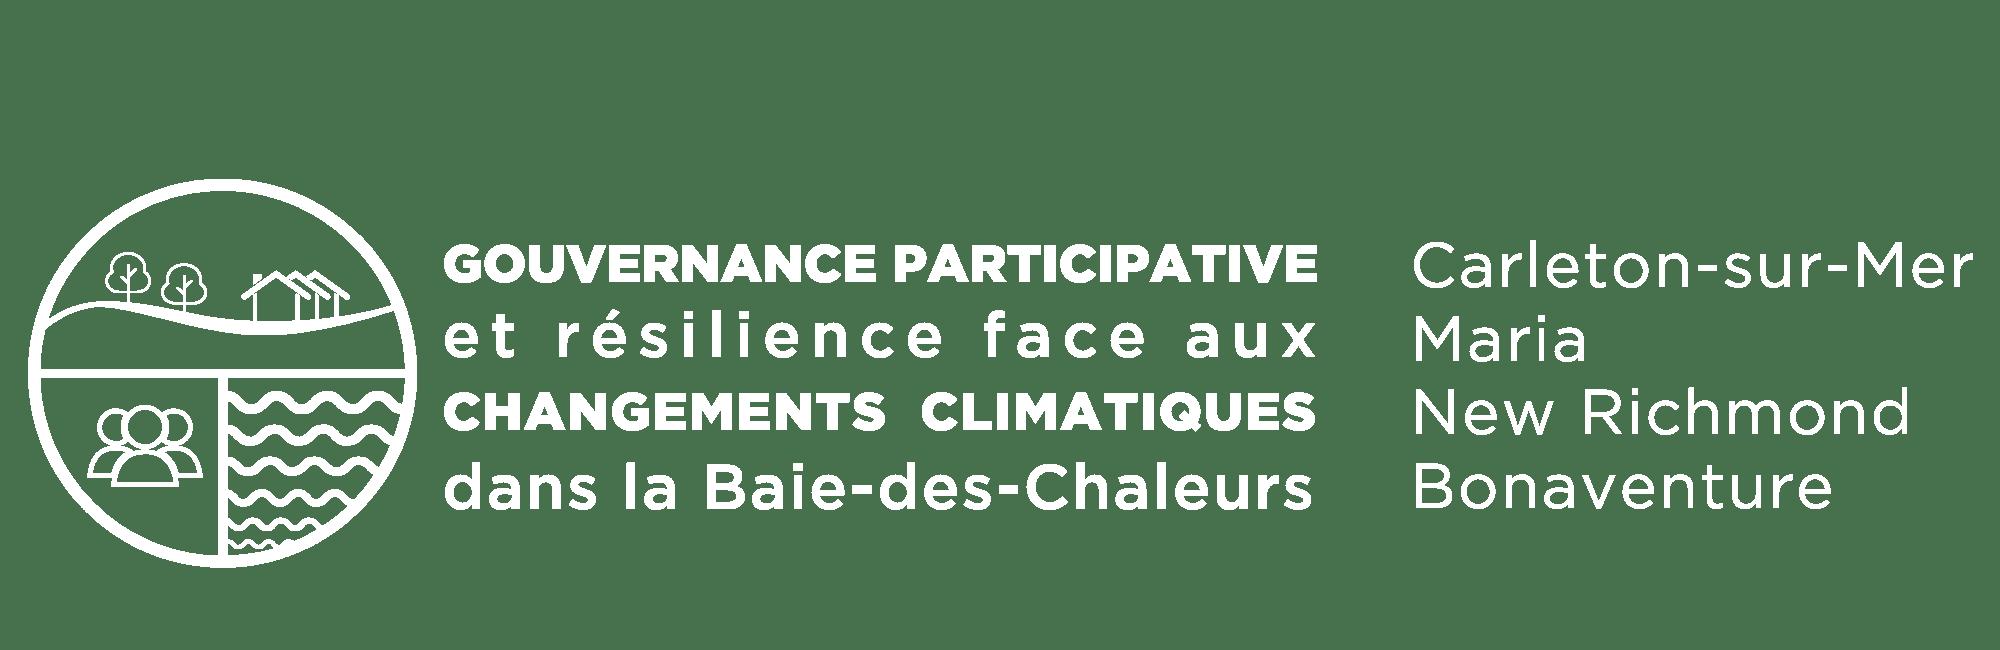 cropped-copie-de-copie-de-gouvernance-participative-et-rc3a9silience-face-aux-changements-climatiques-dans-quatre-municipalitc3a9s-de-la-baie-des-chaleurs.-1-1-1.png